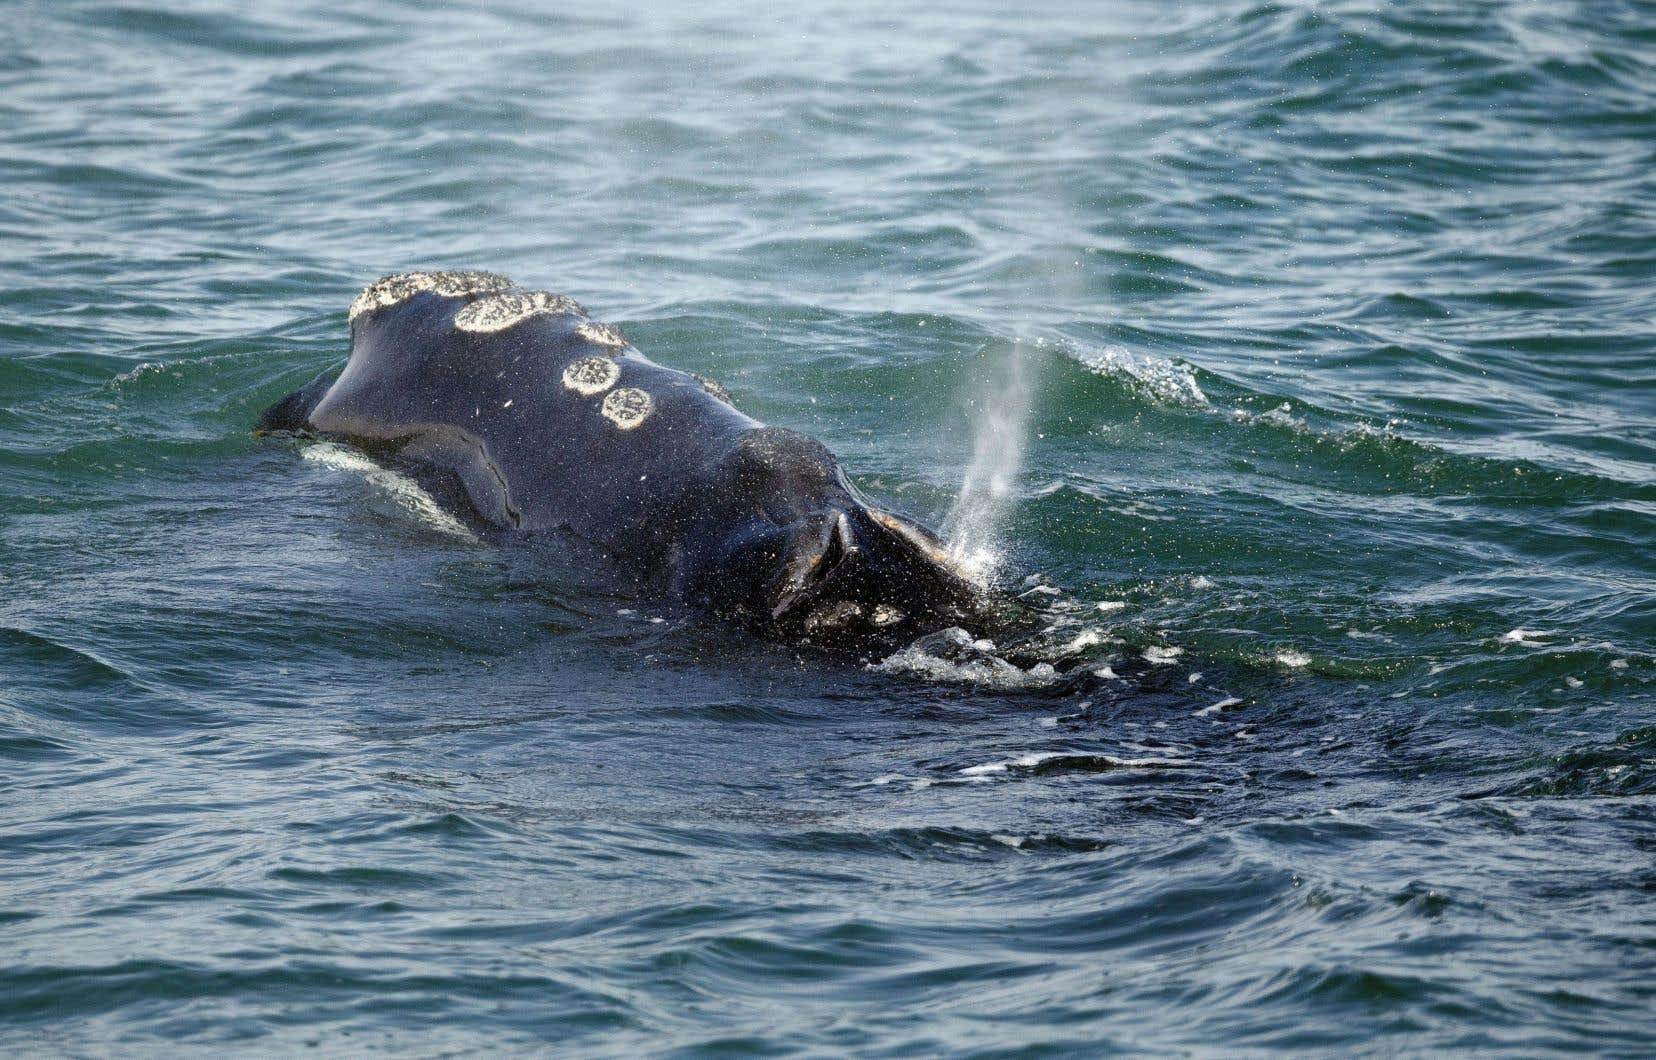 Il ne resterait plus que 450 baleines noires de l'Atlantique Nord. L'an dernier, 18 sont mortes, dont 12 dans les eaux canadiennes.